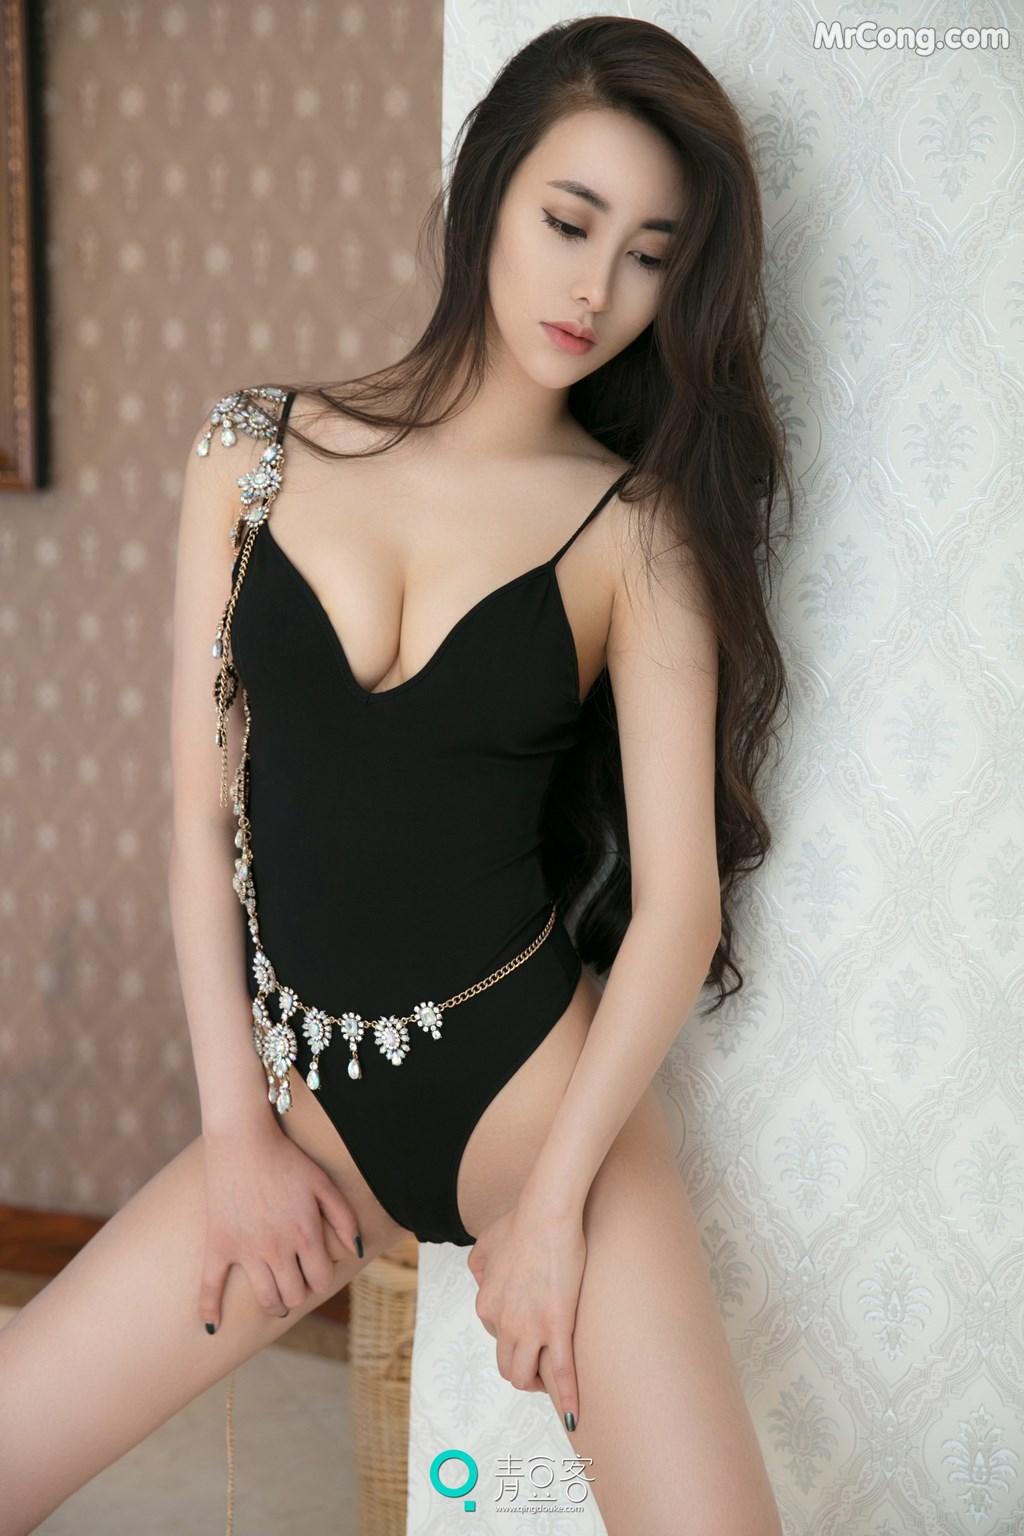 Image QingDouKe-2017-08-03-Mu-Fei-Fei-MrCong.com-015 in post QingDouKe 2017-08-03: Người mẫu Mu Fei Fei (穆菲菲) (53 ảnh)